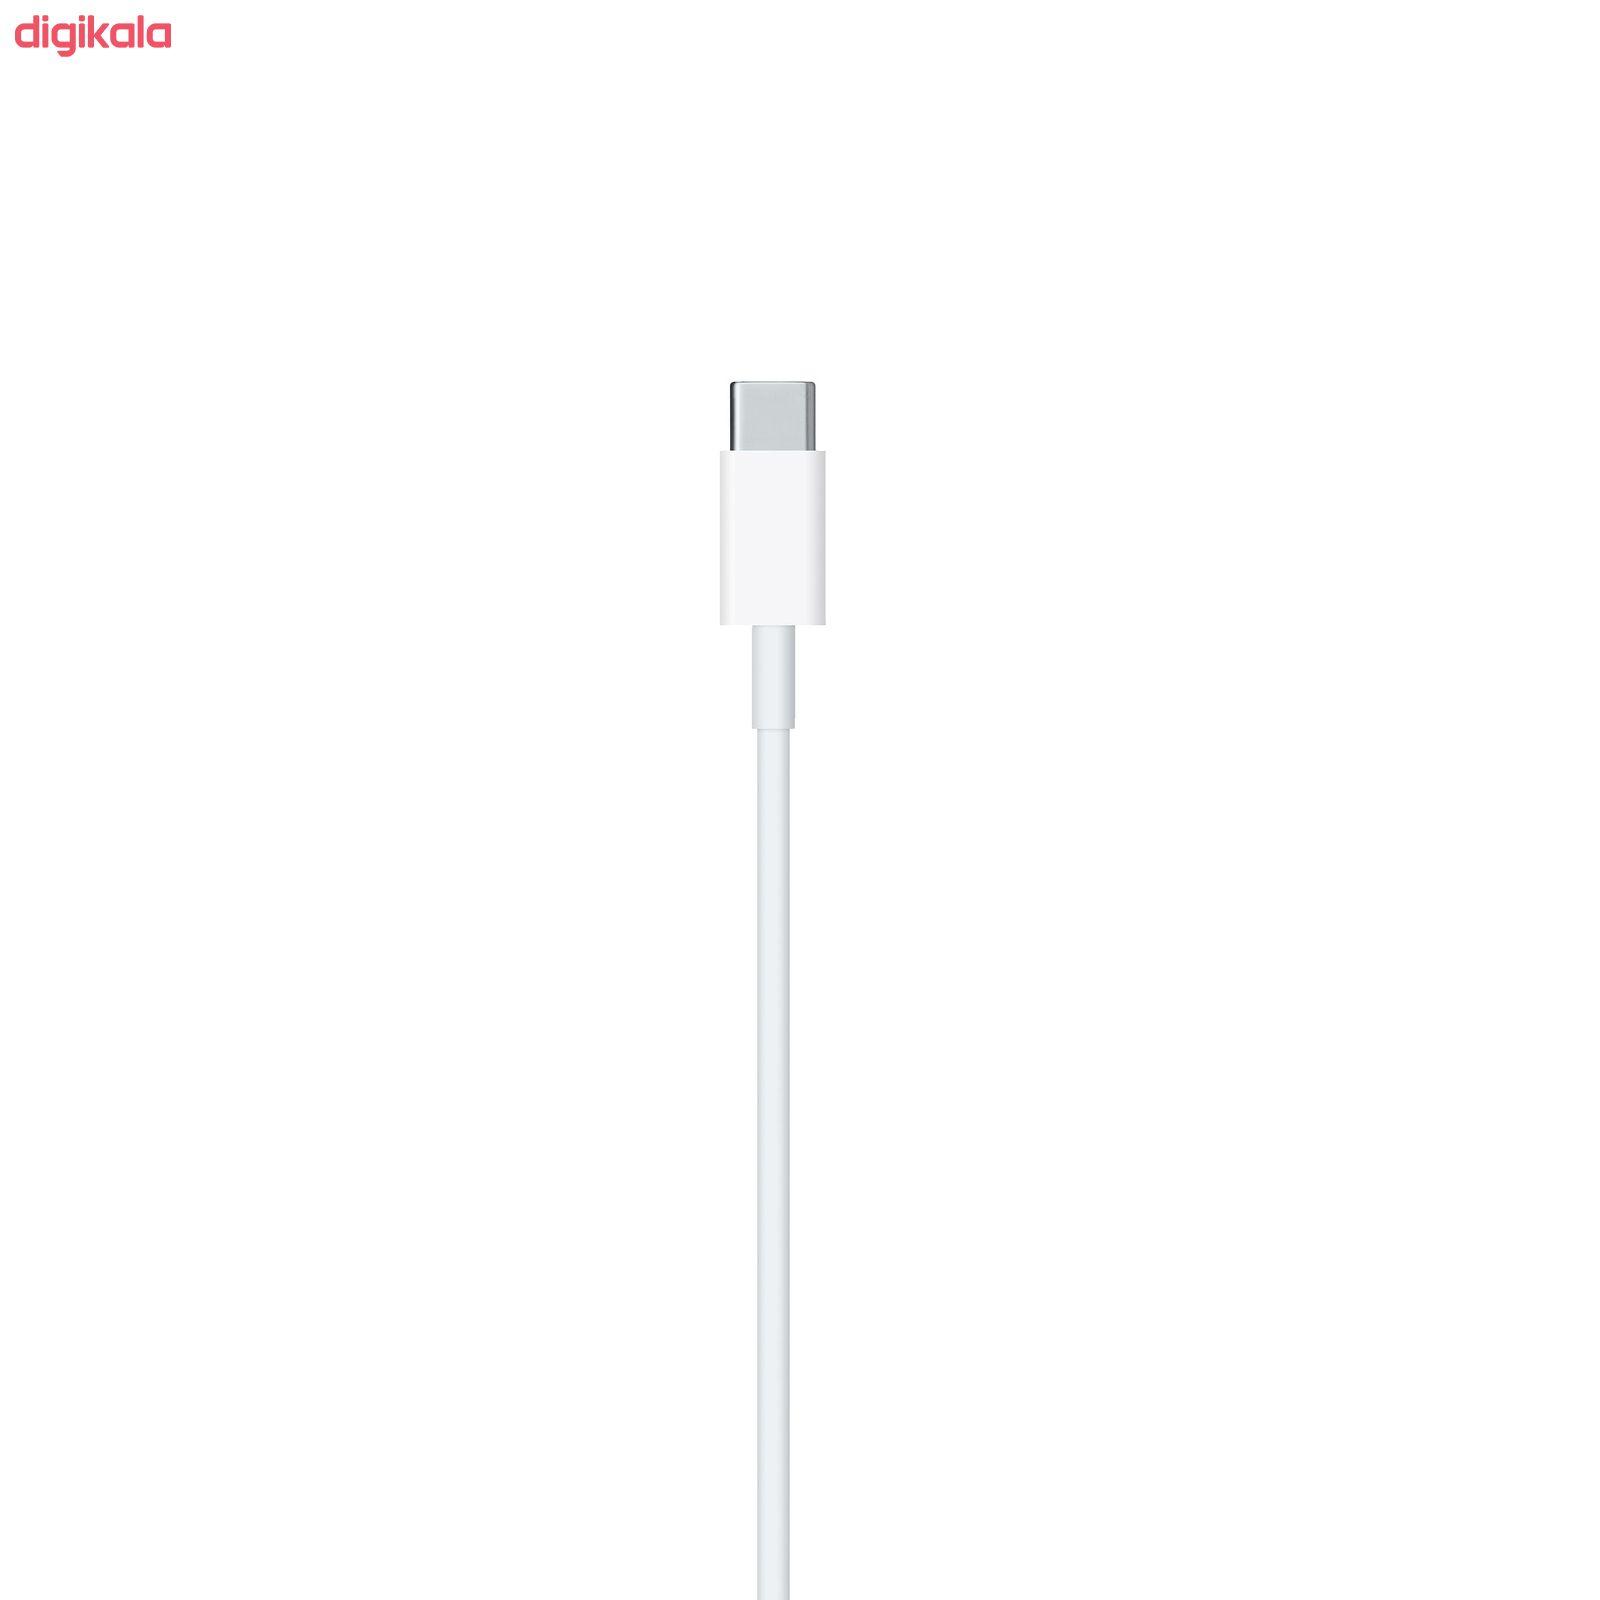 کابل تبدیل USB-C به لایتنینگ اپل  طول 1 متر main 1 2